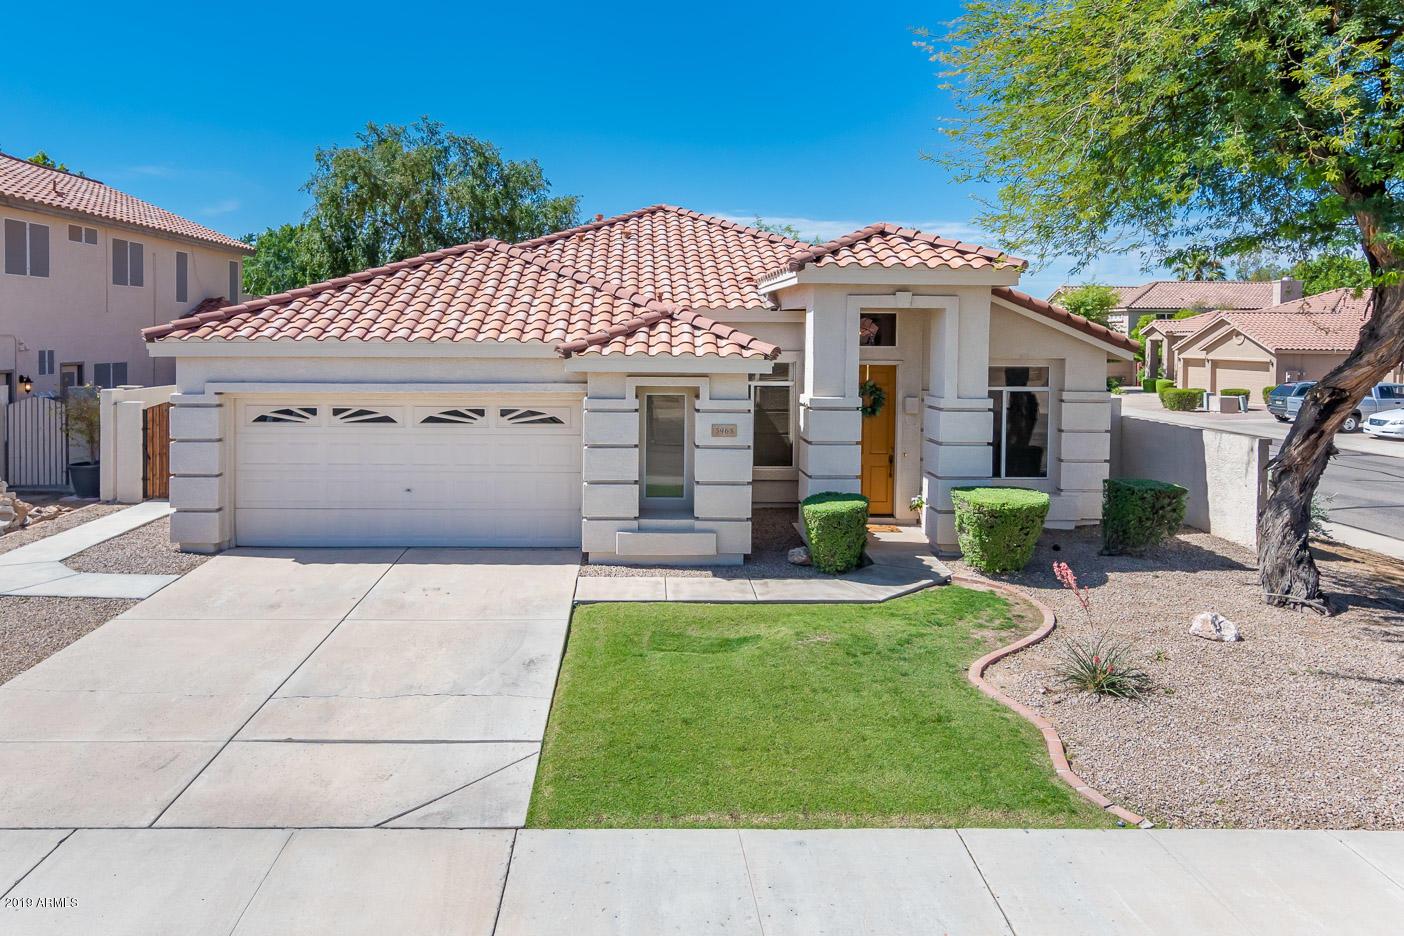 Photo of 5965 W MELINDA Lane, Glendale, AZ 85308